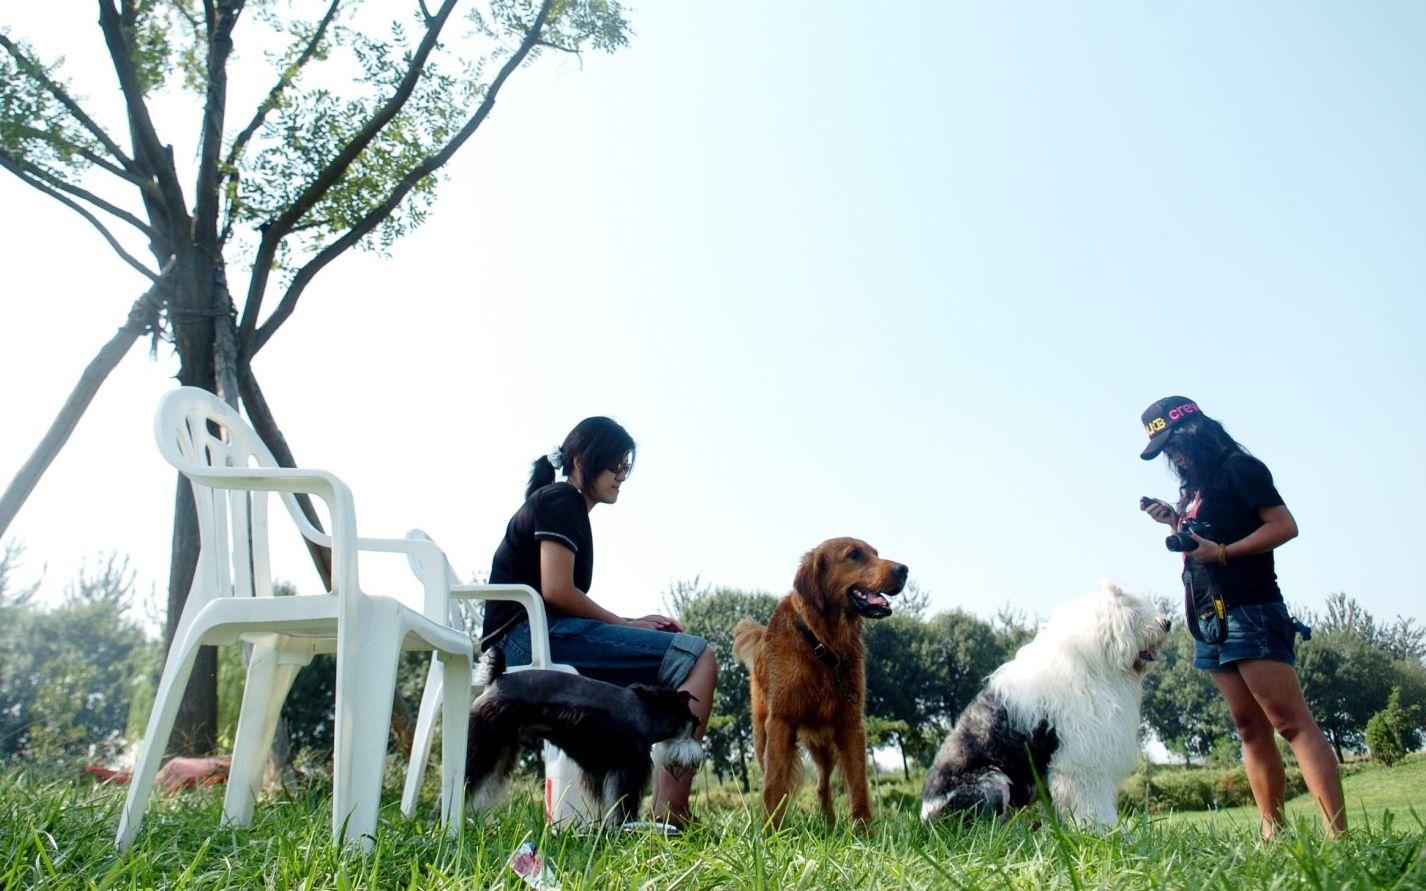 深圳立法禁食野生动物,明确猫狗进入禁食名单